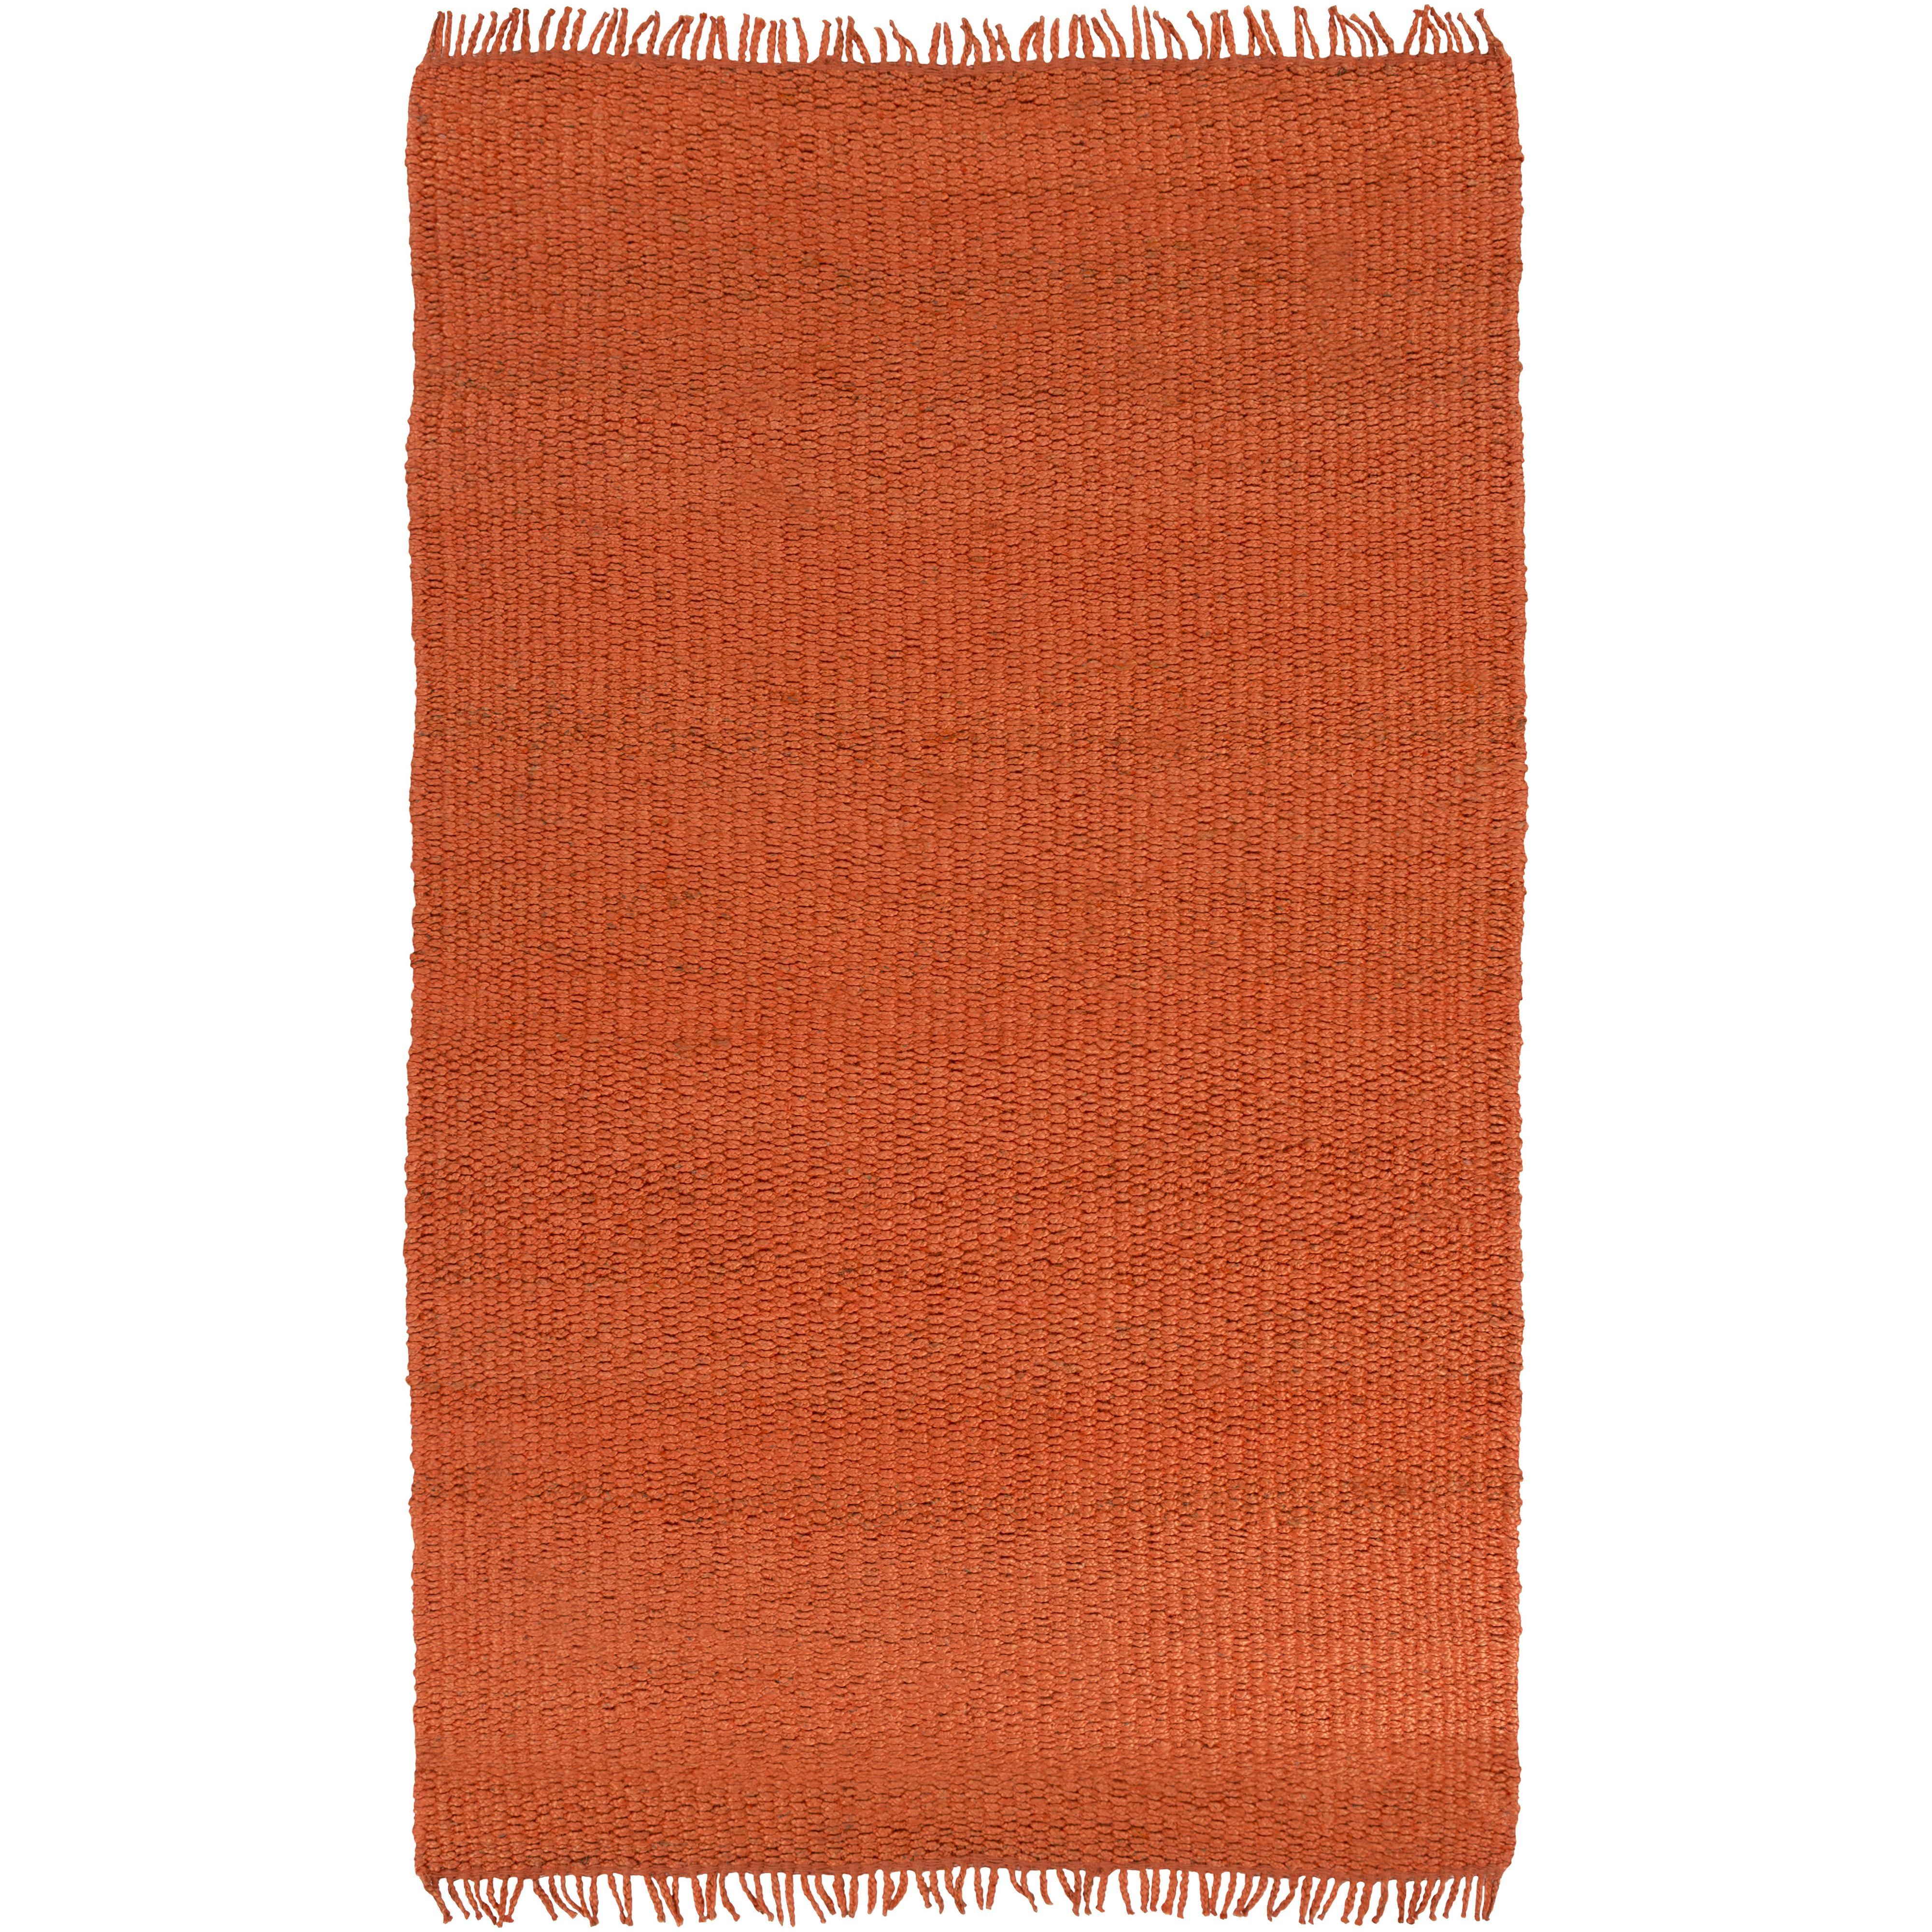 Surya Rugs Maui 5' x 8' - Item Number: MAU3003-58